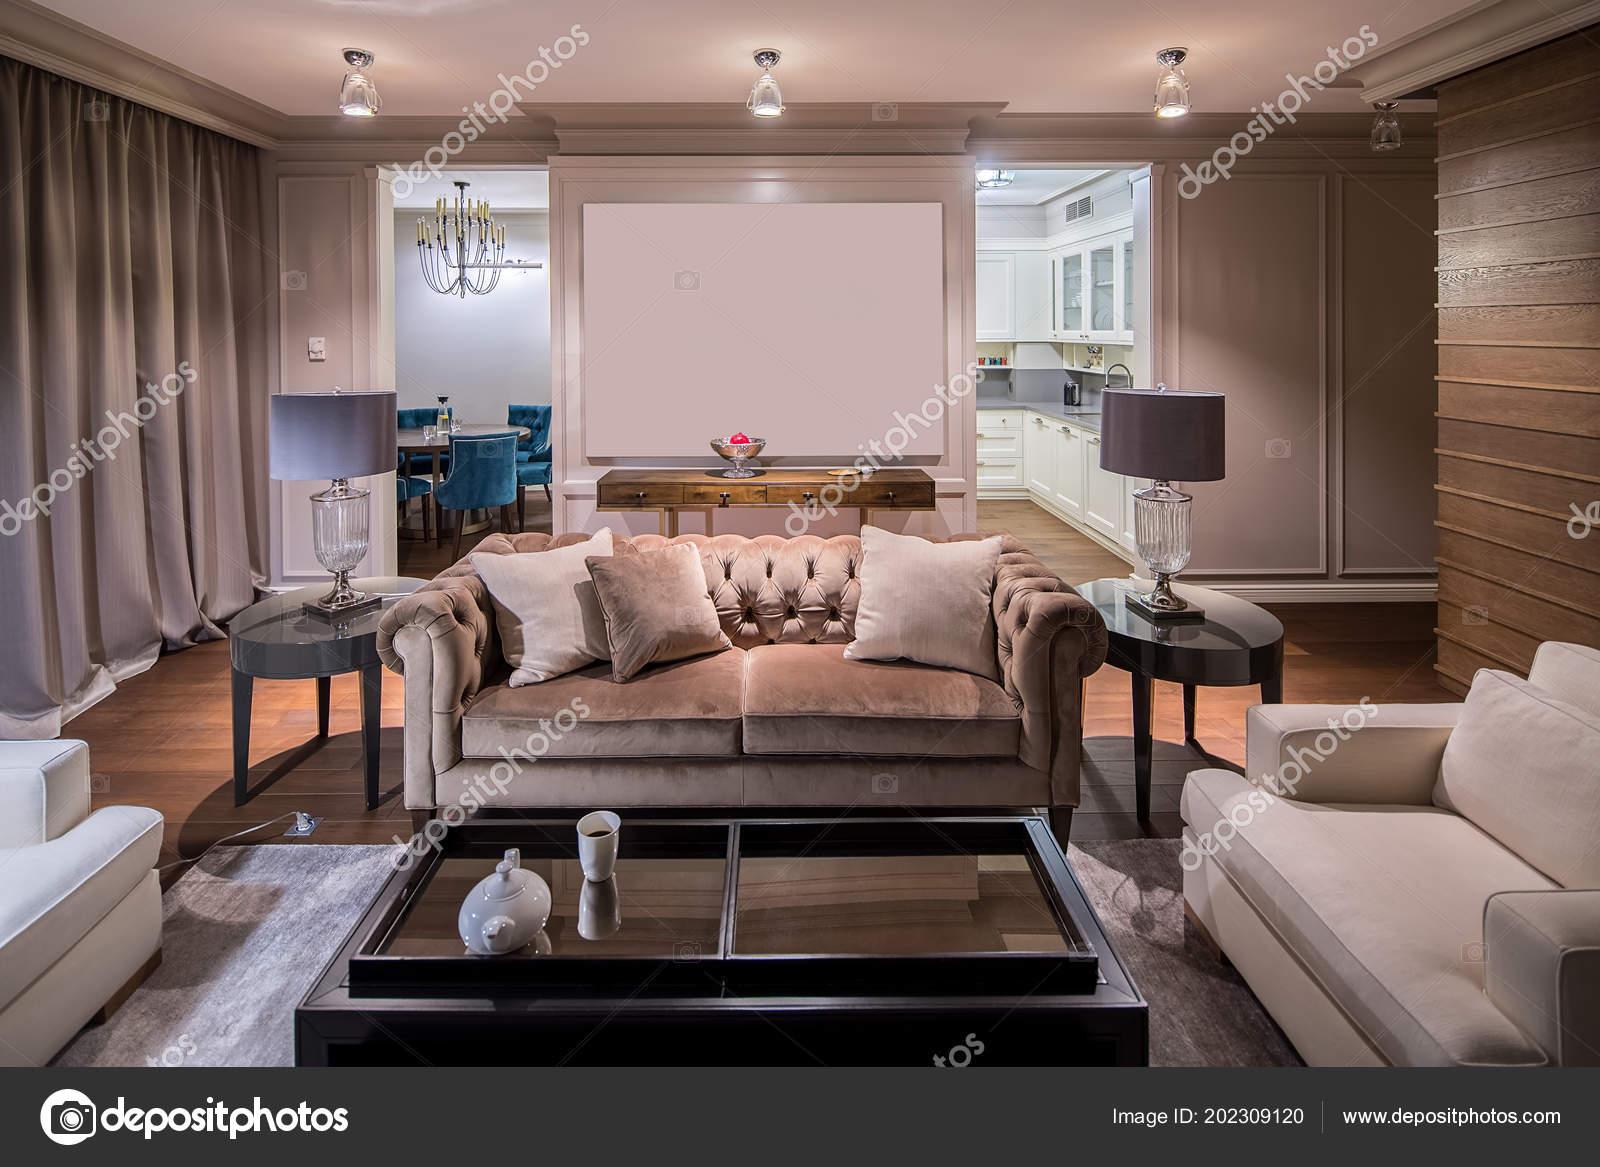 Interieur Einem Modernen Stil Mit Hellen Wänden Und Das Parkett